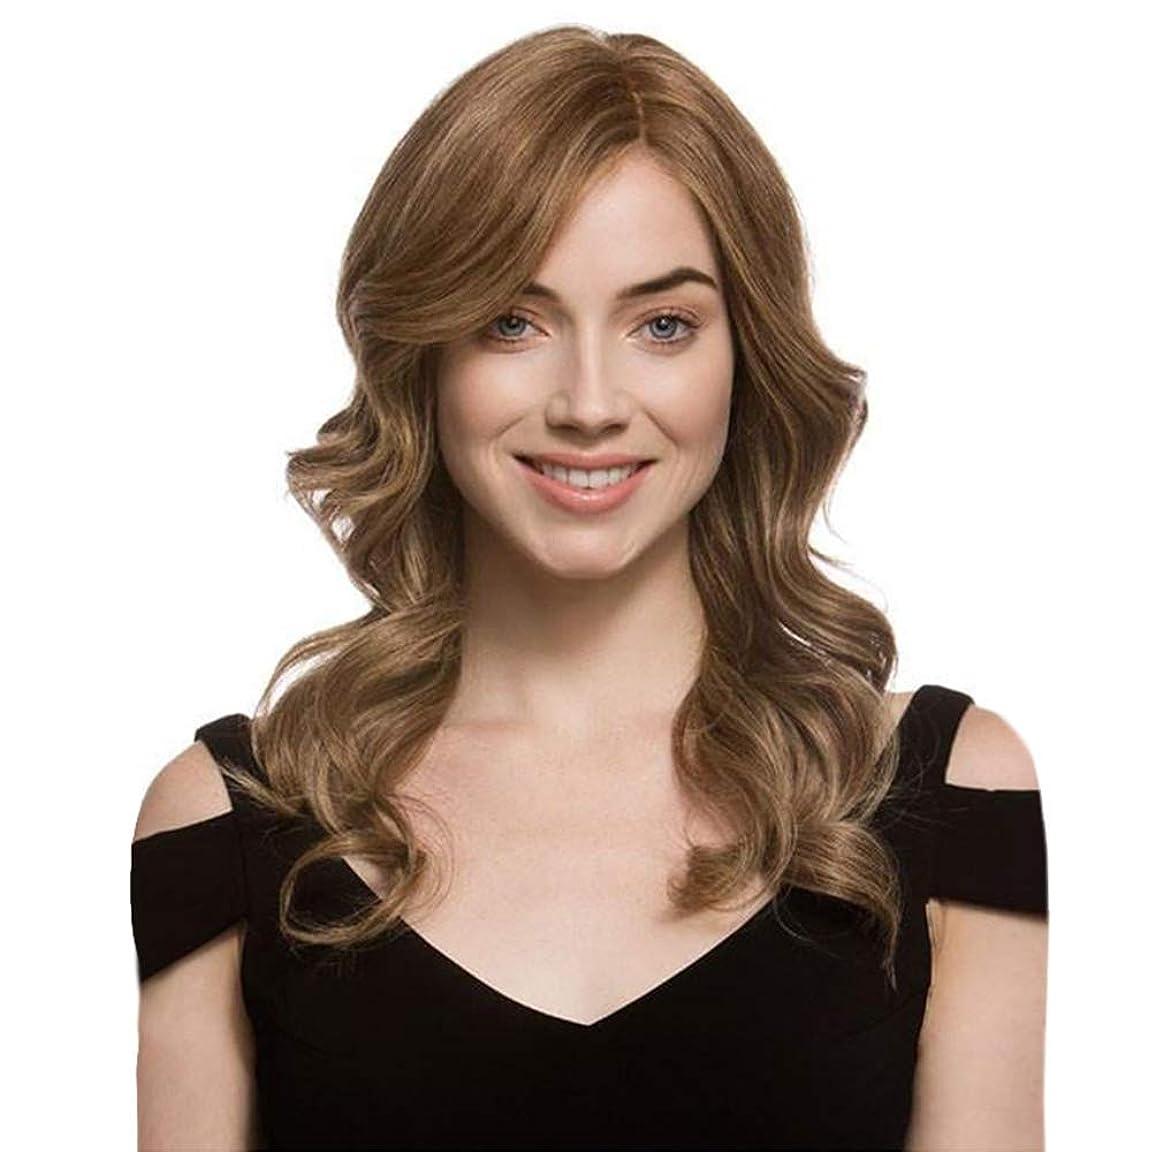 愛情先見の明性的女性かつら長い波状カーリーローズネットフルウィッグ耐熱合成かつらブラウン65 cm